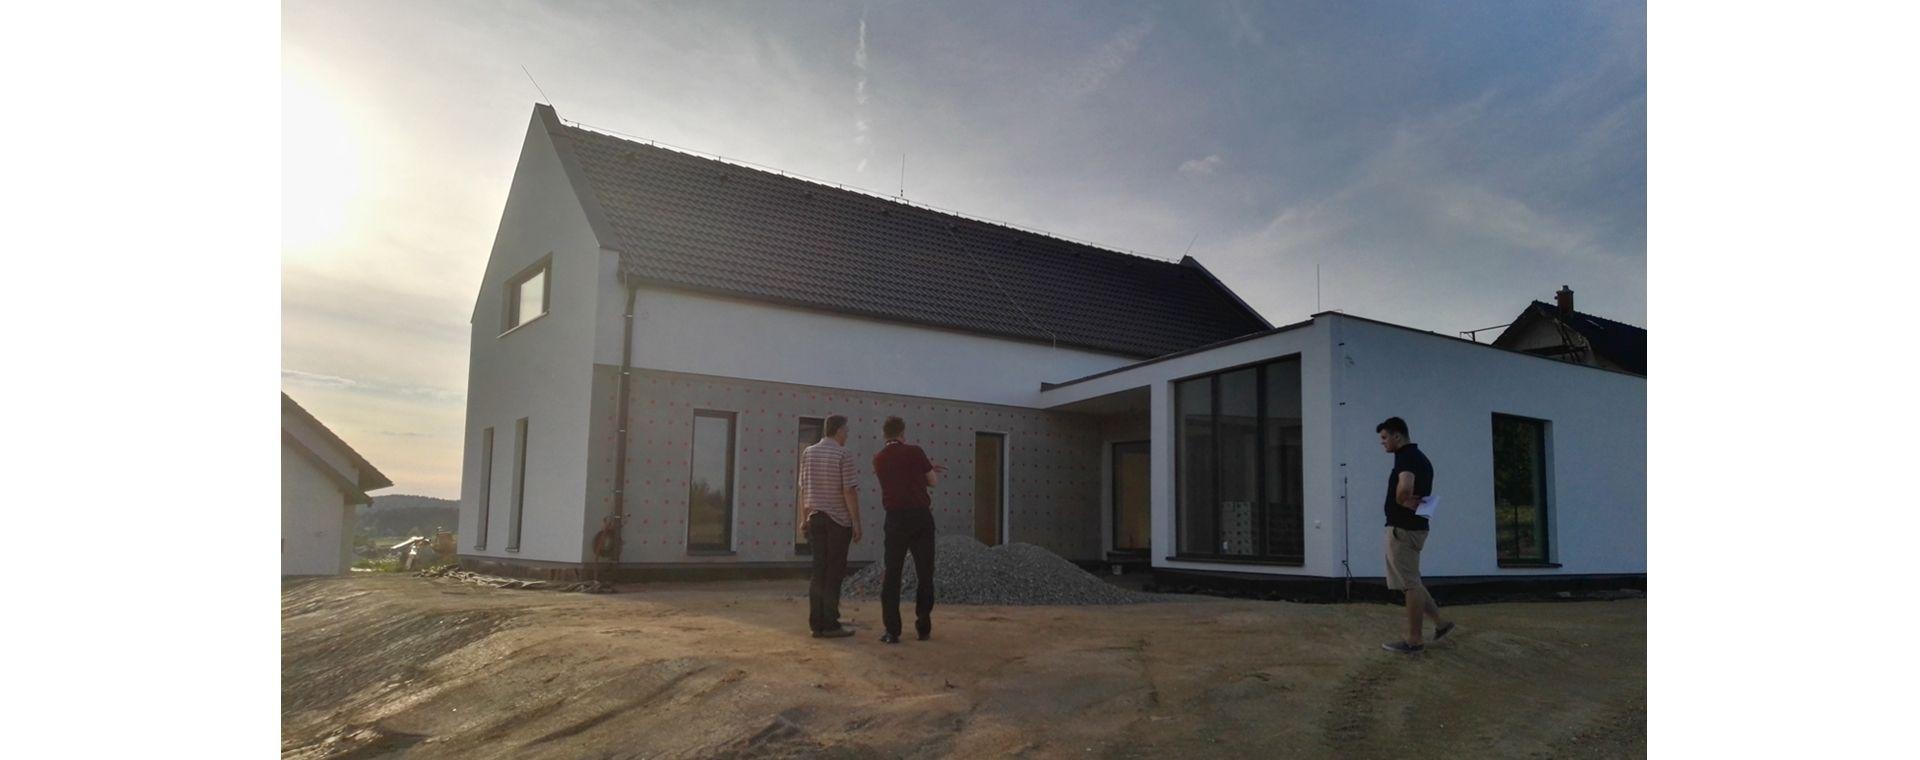 Rodinný dům a zahrada do Hamrů nad Sázavou, 2015-2017, CZ